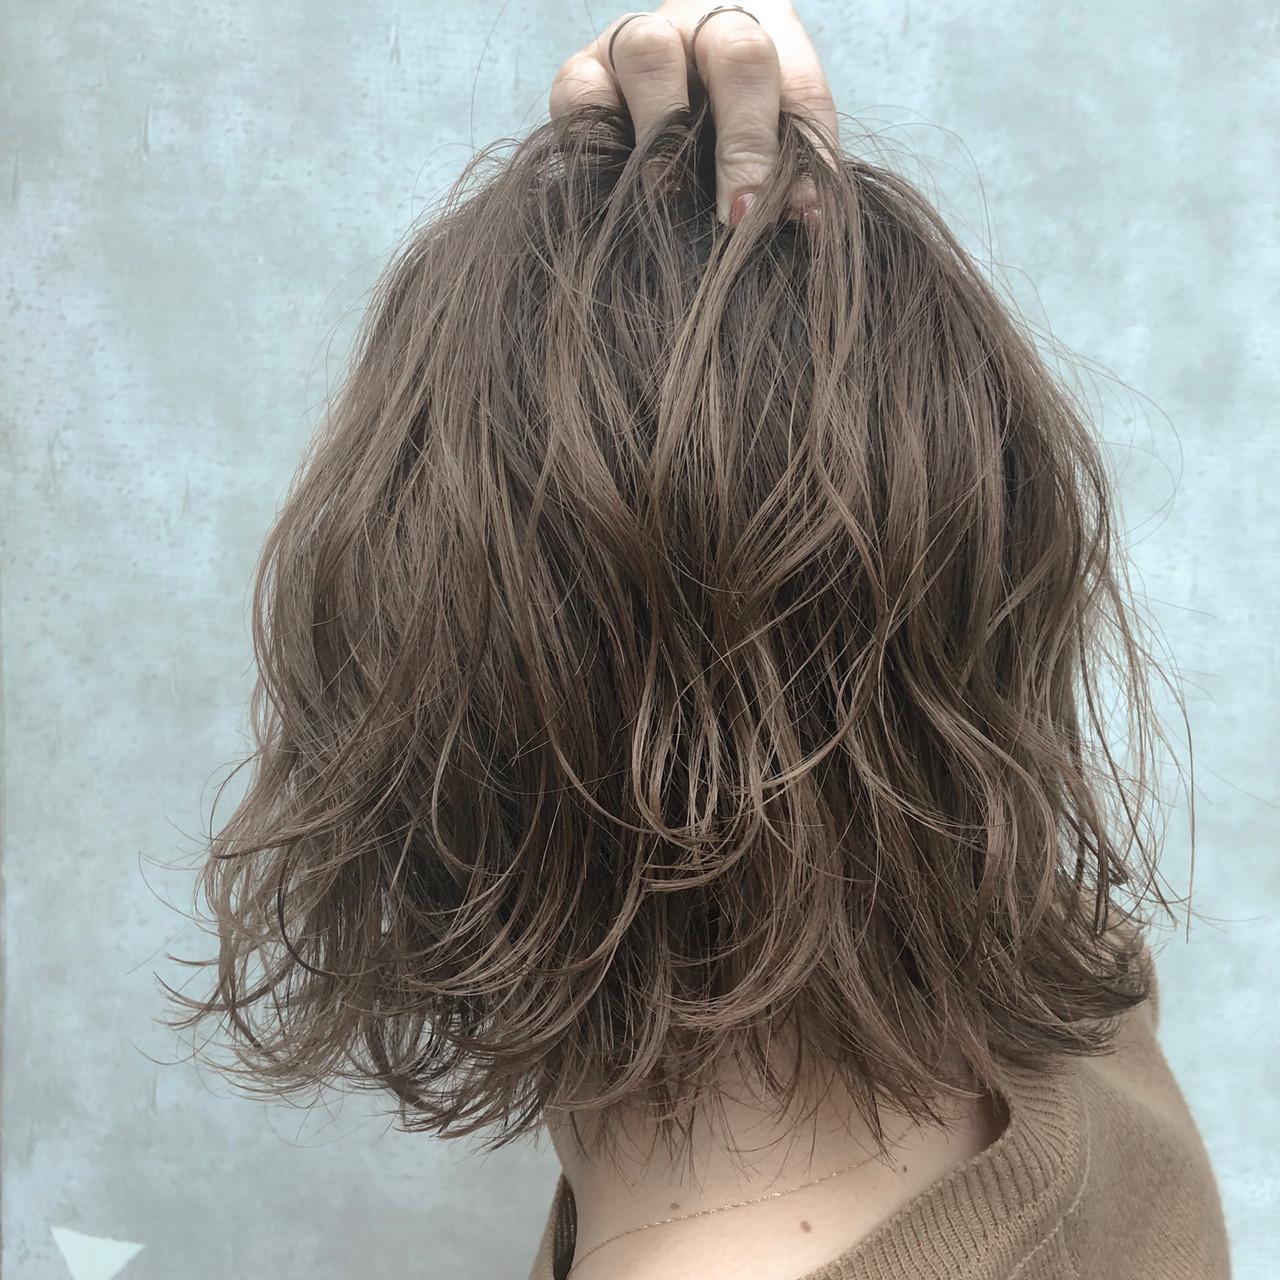 グレージュ ボブ ナチュラル デート ヘアスタイルや髪型の写真・画像